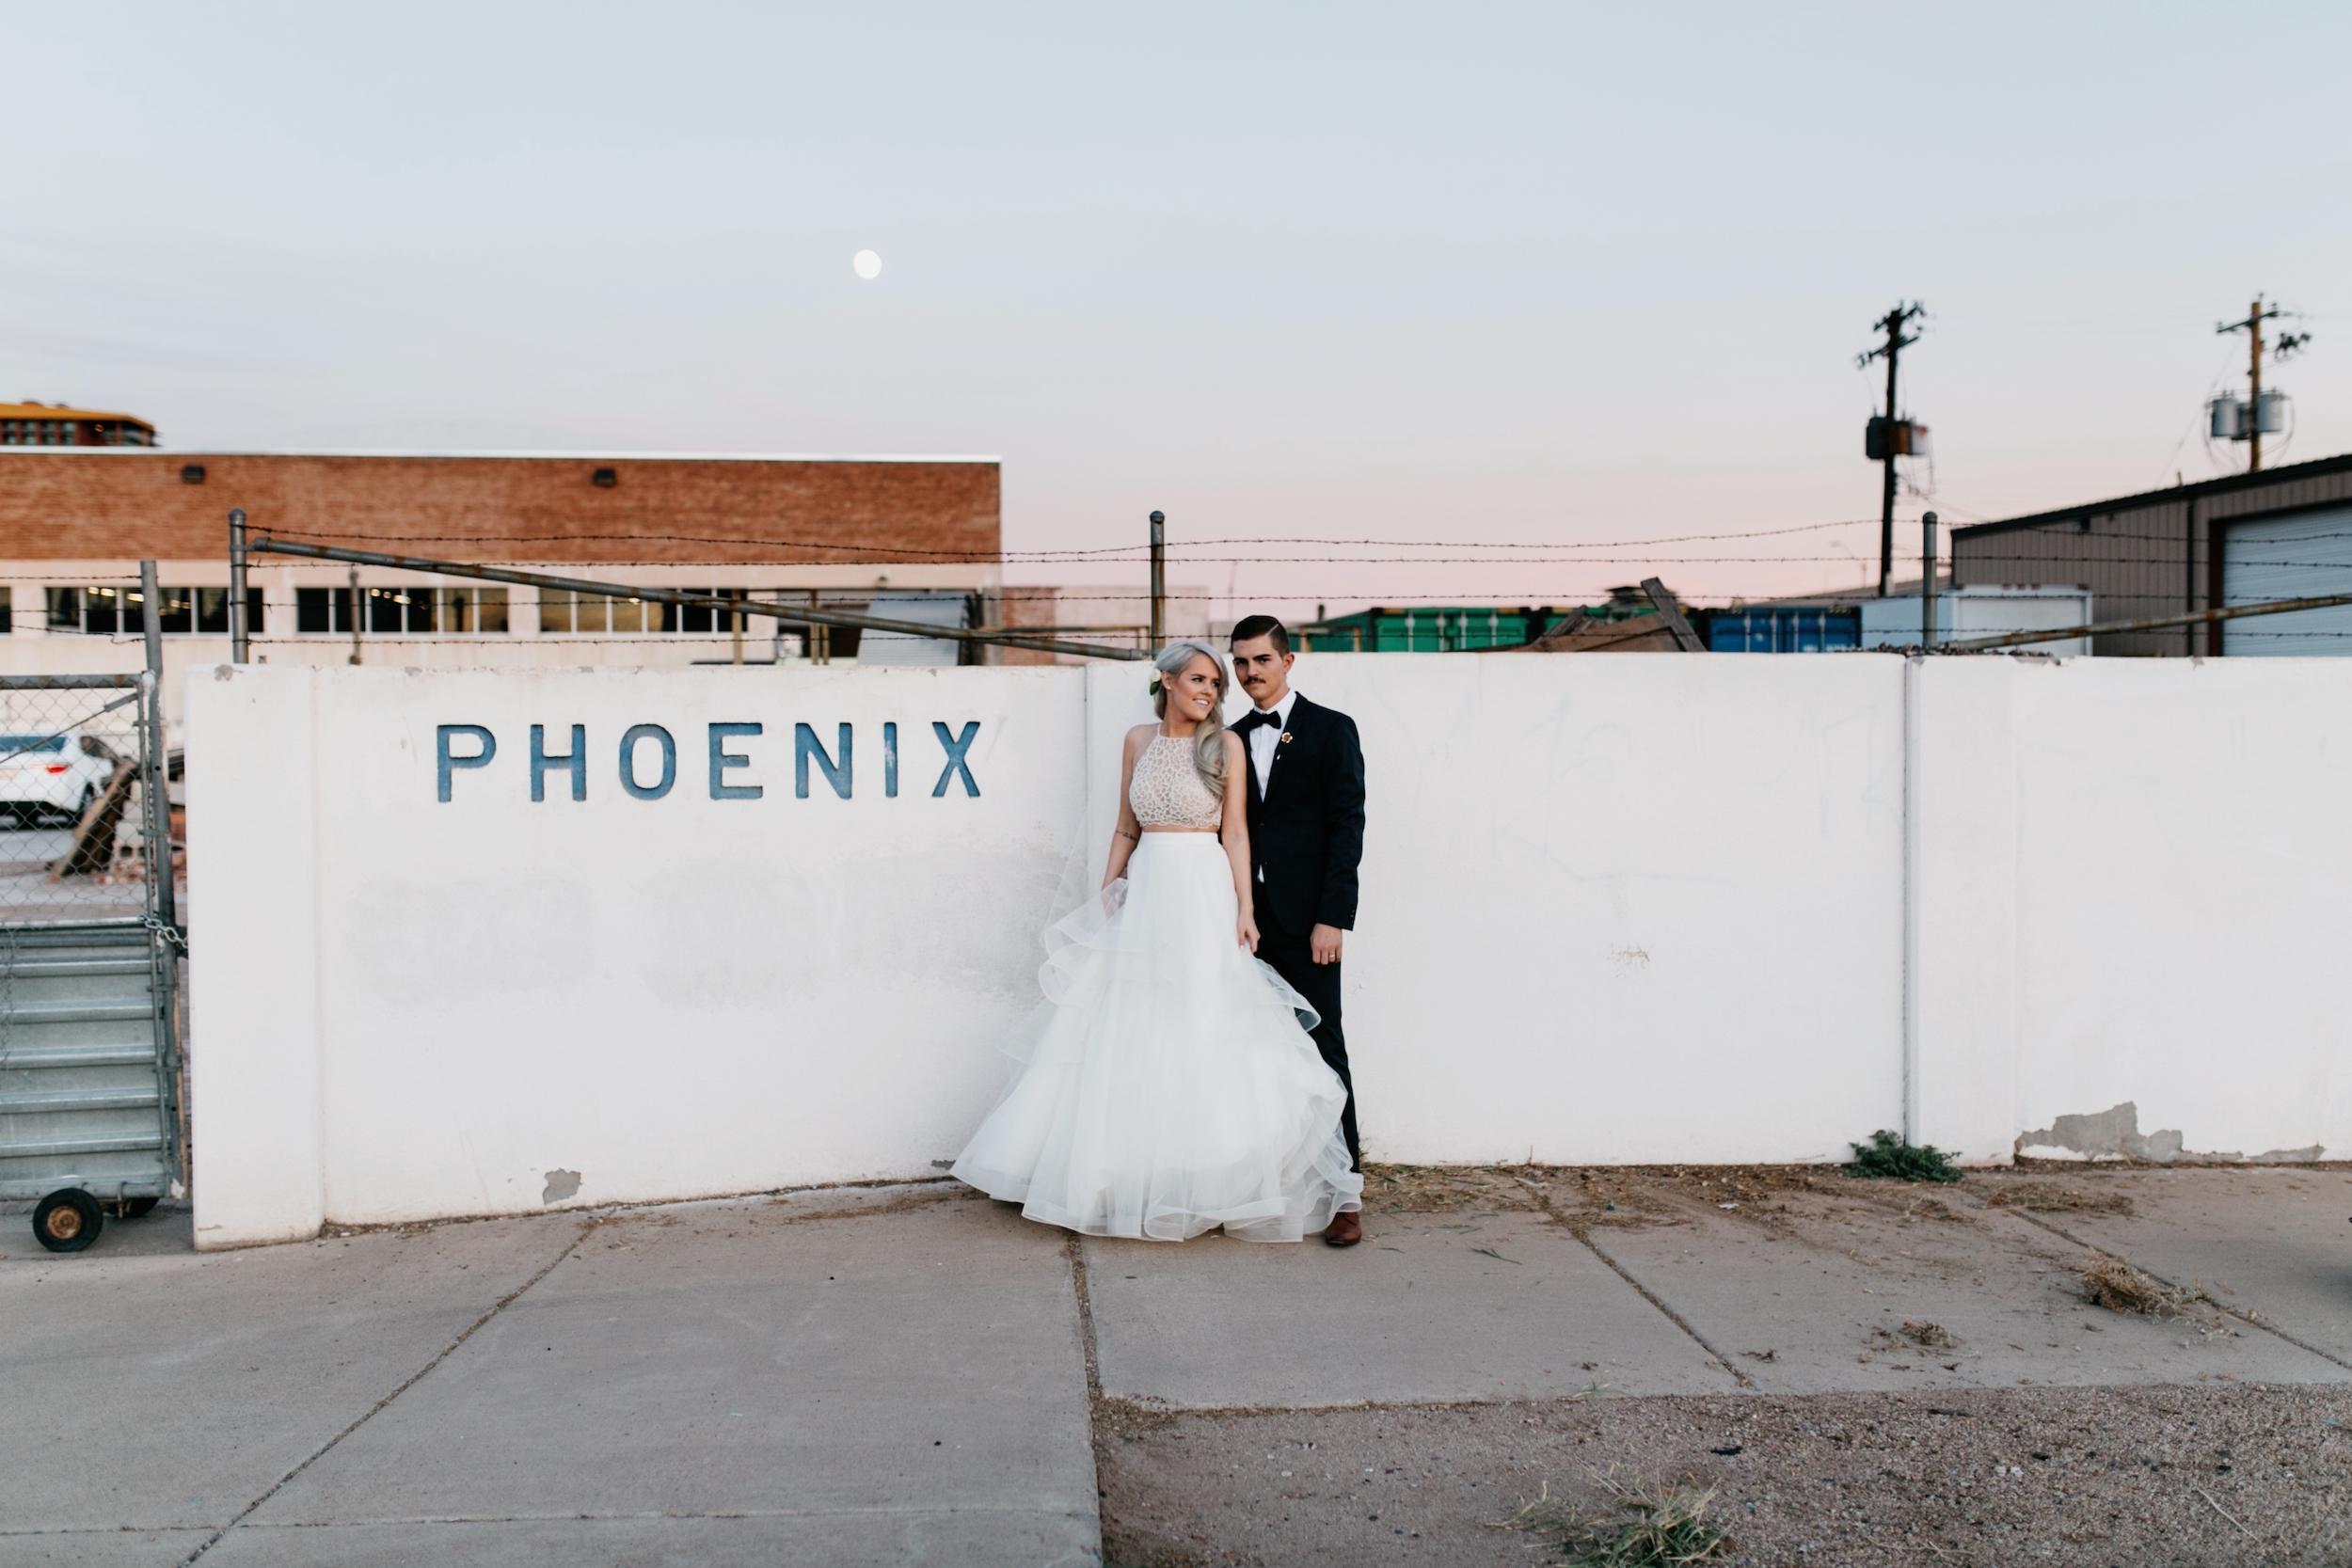 arizona - wedding - photography 01666.jpg